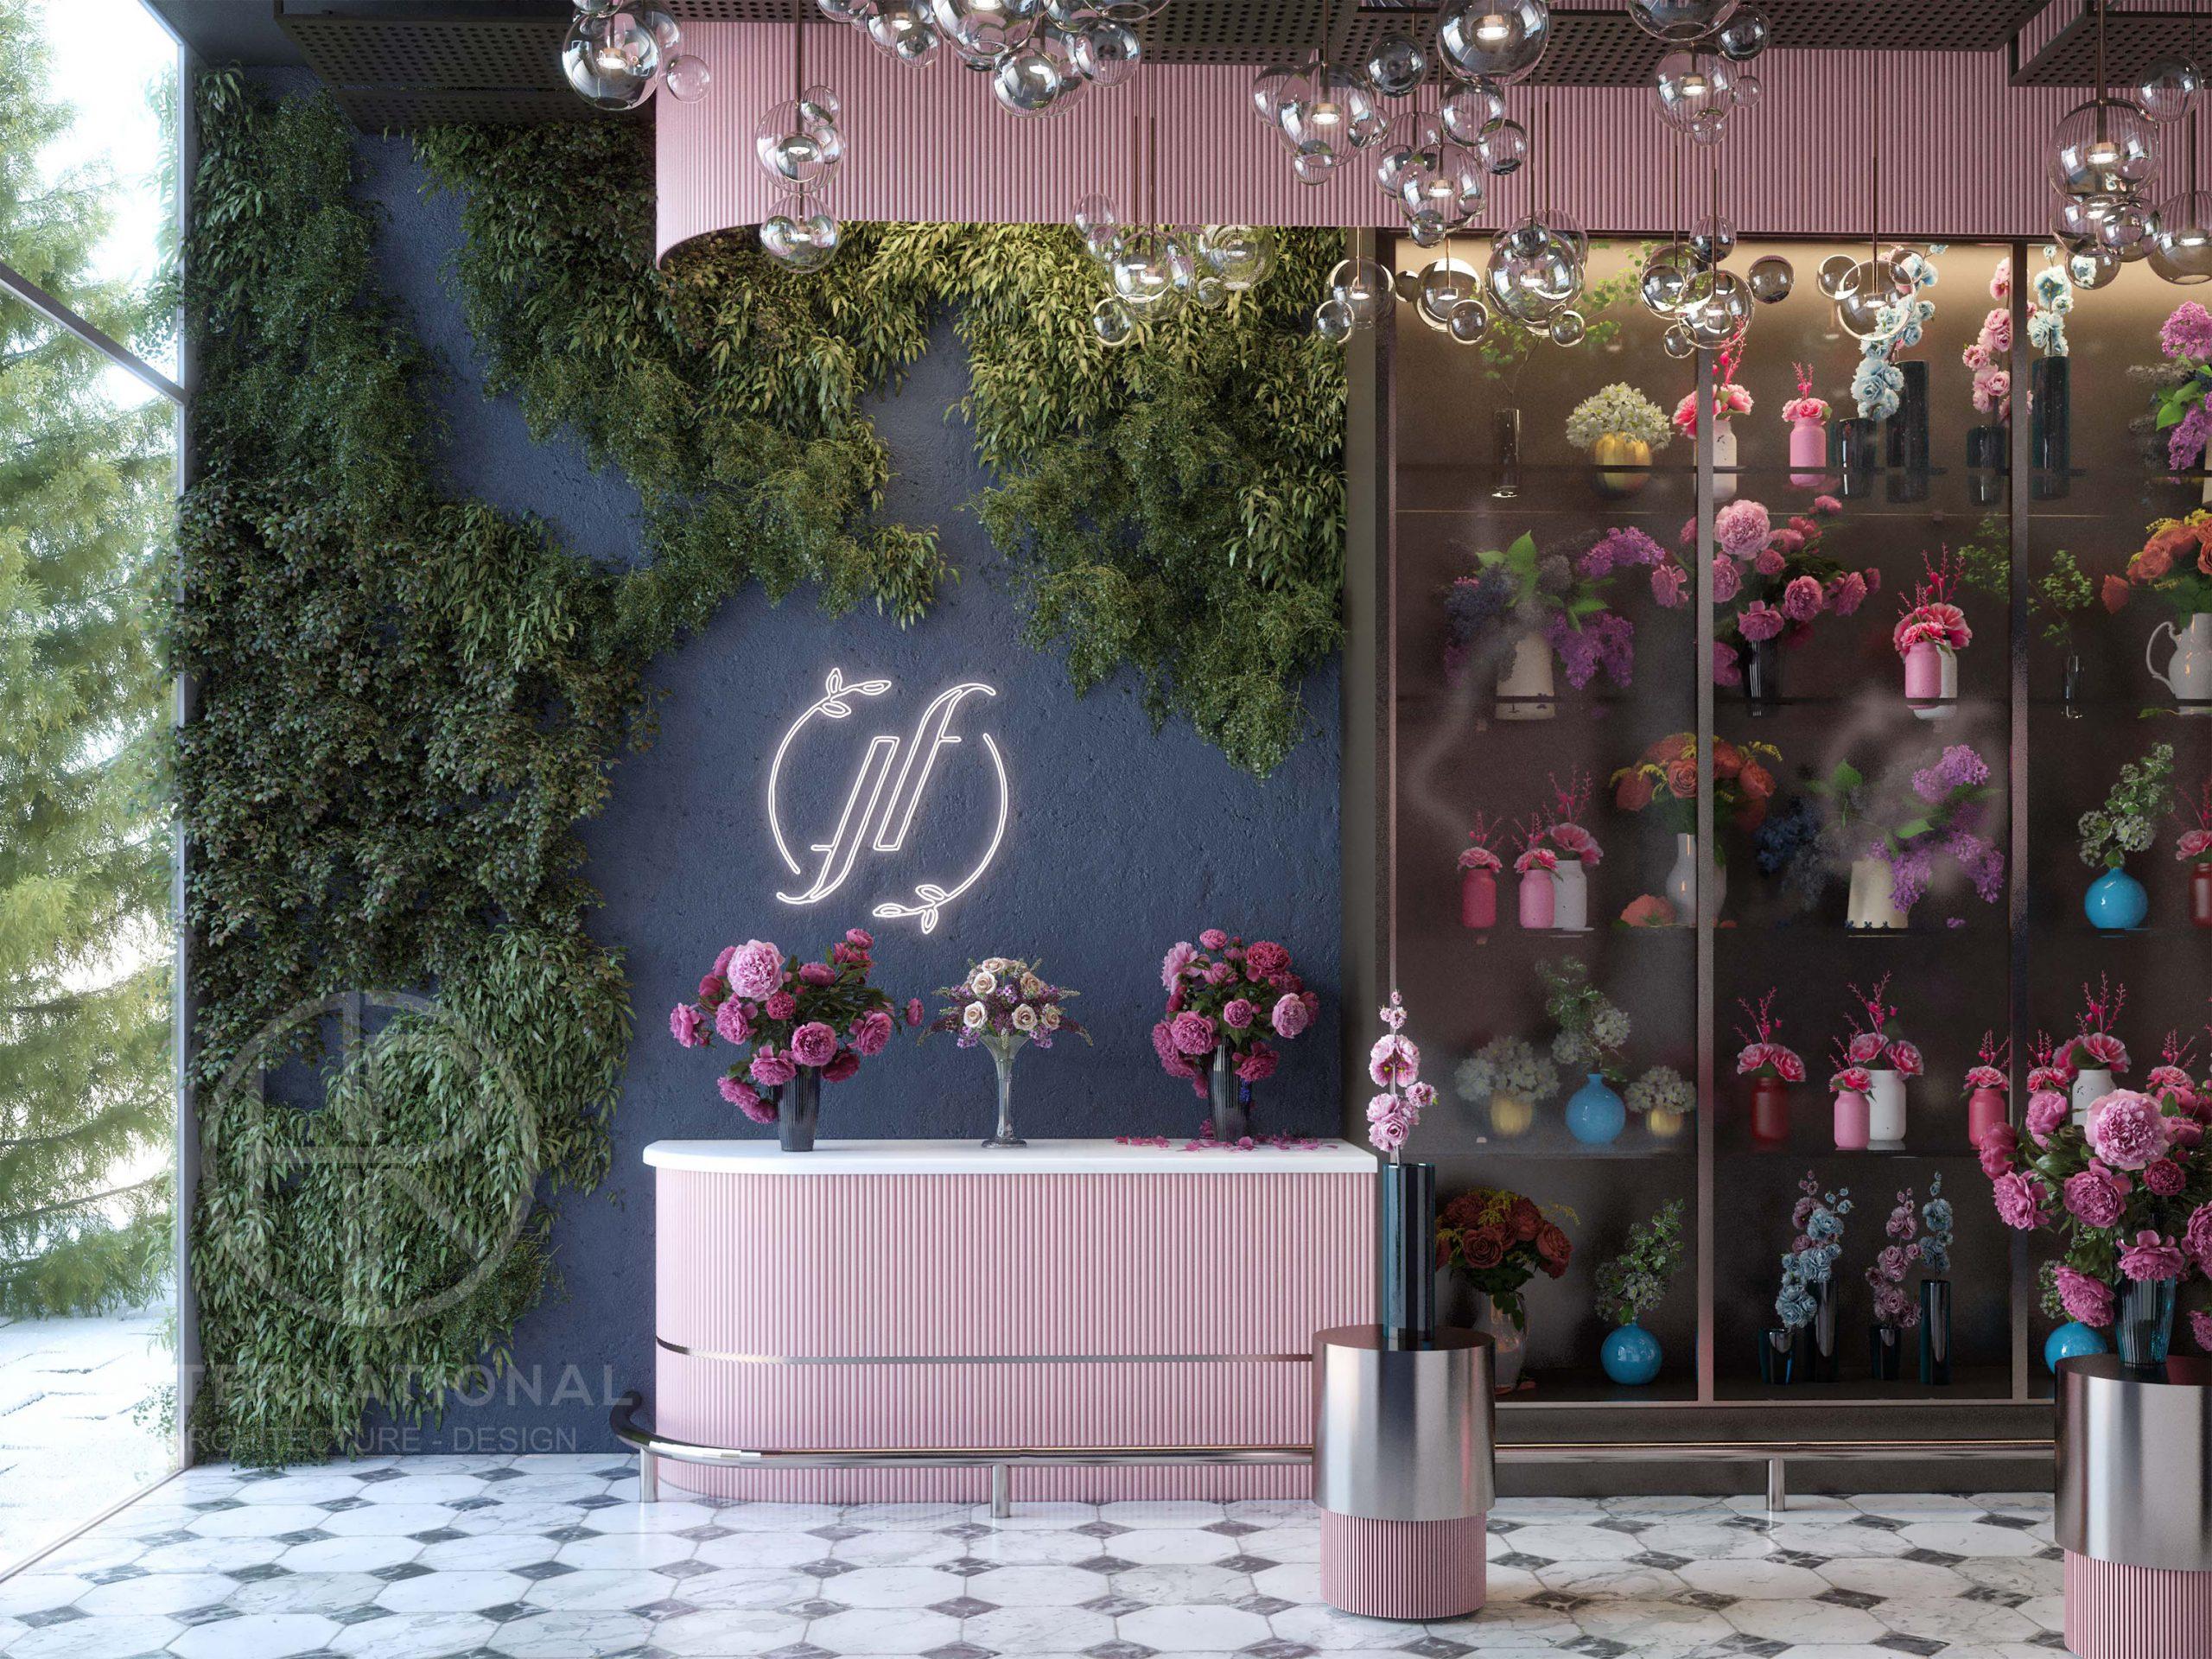 FLOWERS SHOP DESIGN - cake - design - flowers - blue - pink